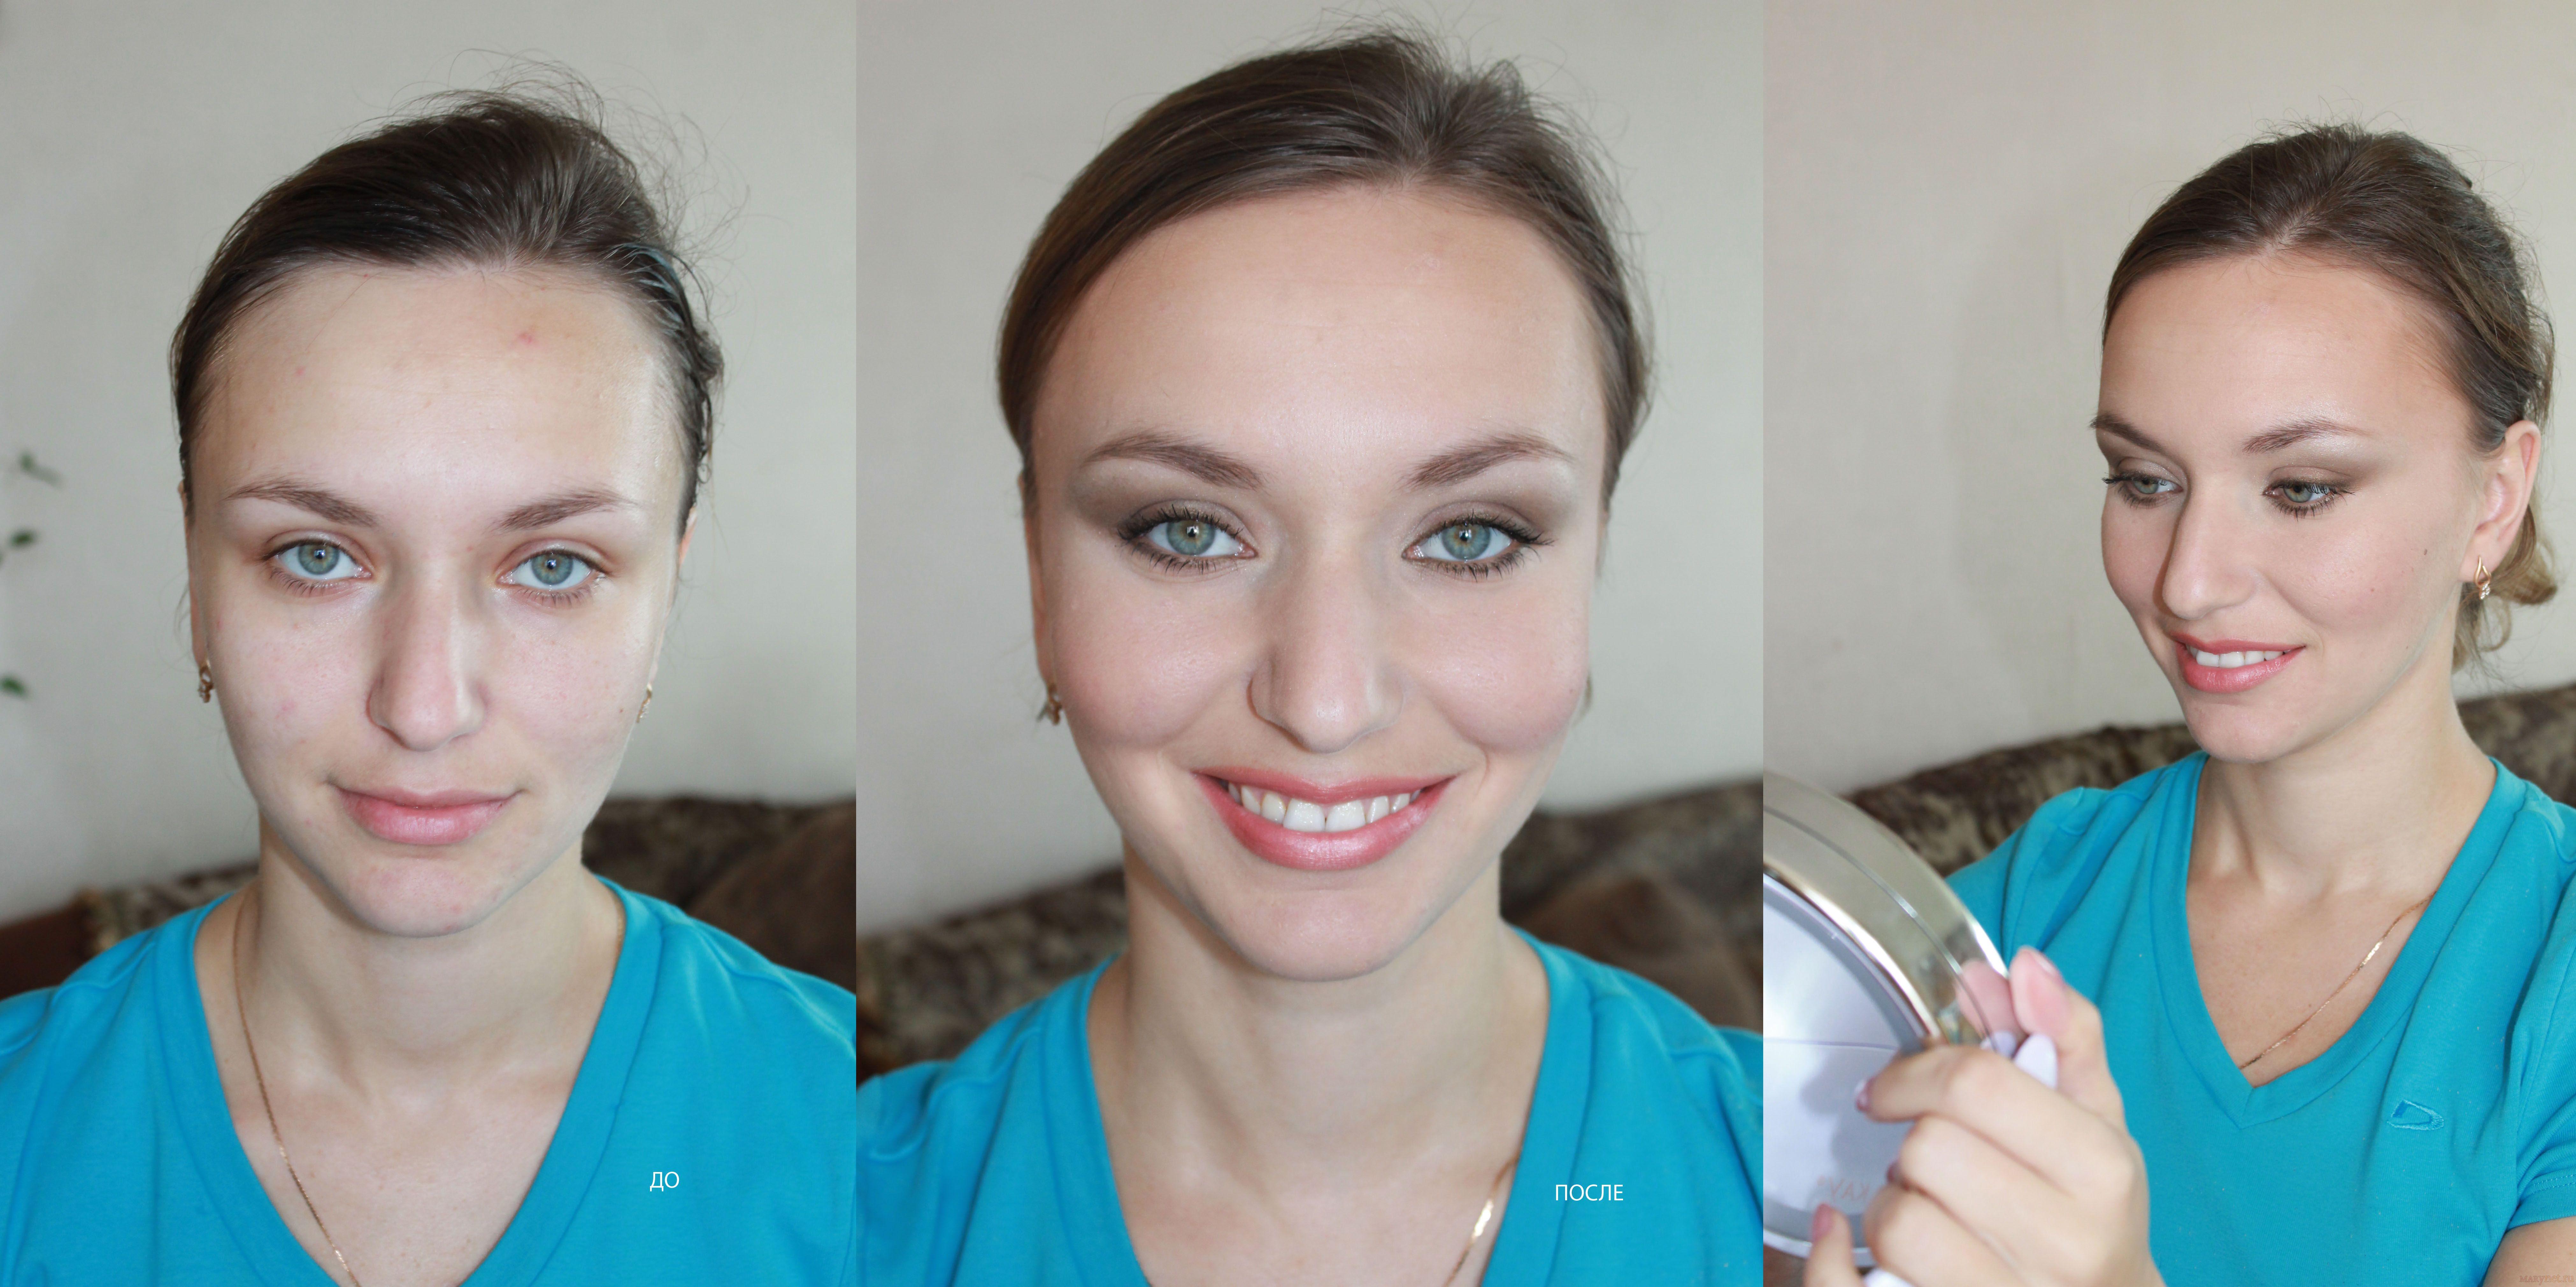 Как правильно делать фото до и после